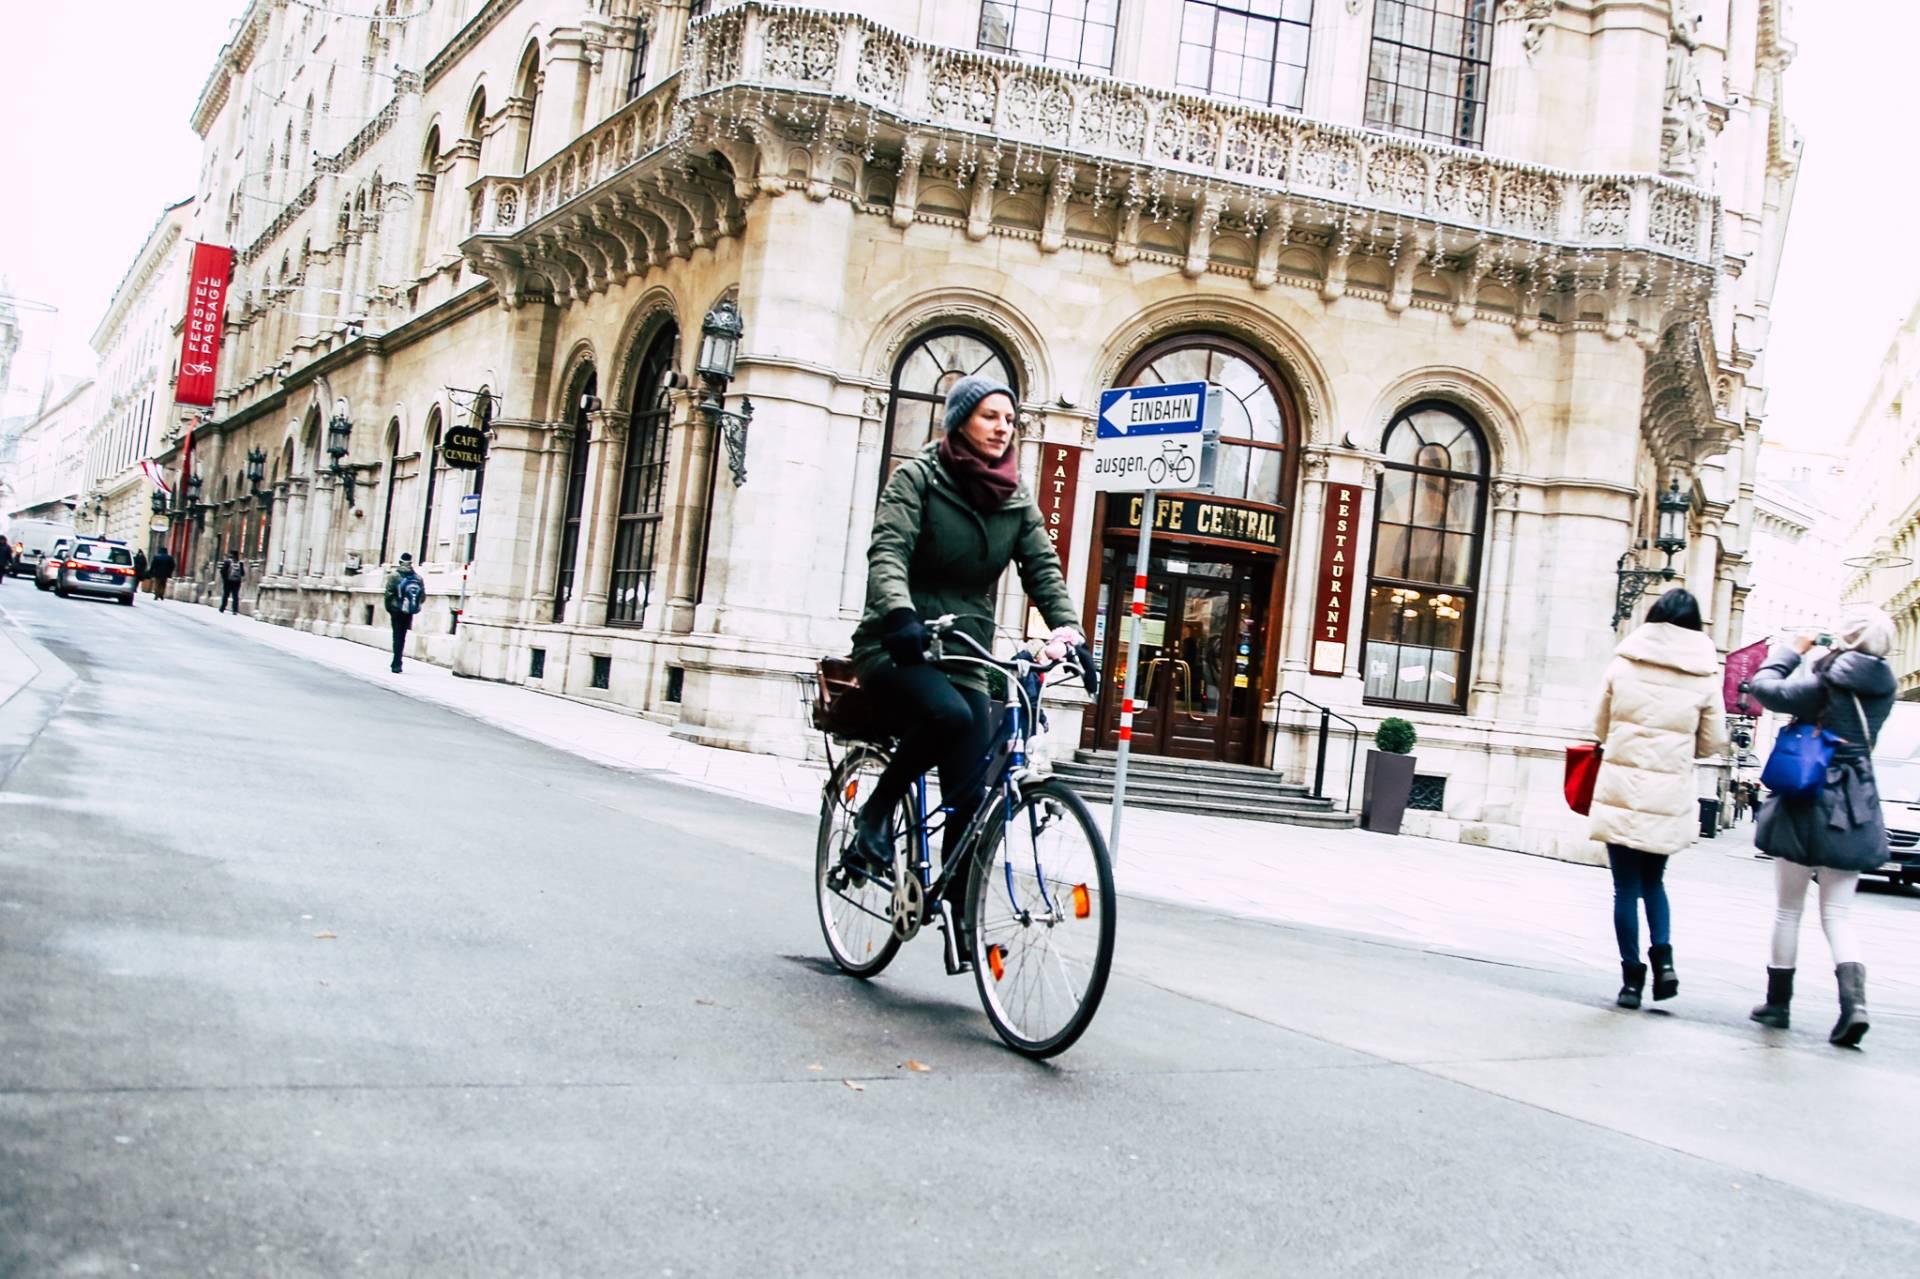 """Eine Frau in einer grünen Jacke fährt entlang einer Straße. Neben ihr deutlich erkennbar ein Einbahnschild mit dem Zusatz """"ausgenommen Fahrräder"""". Foto: Christian Fürthner"""